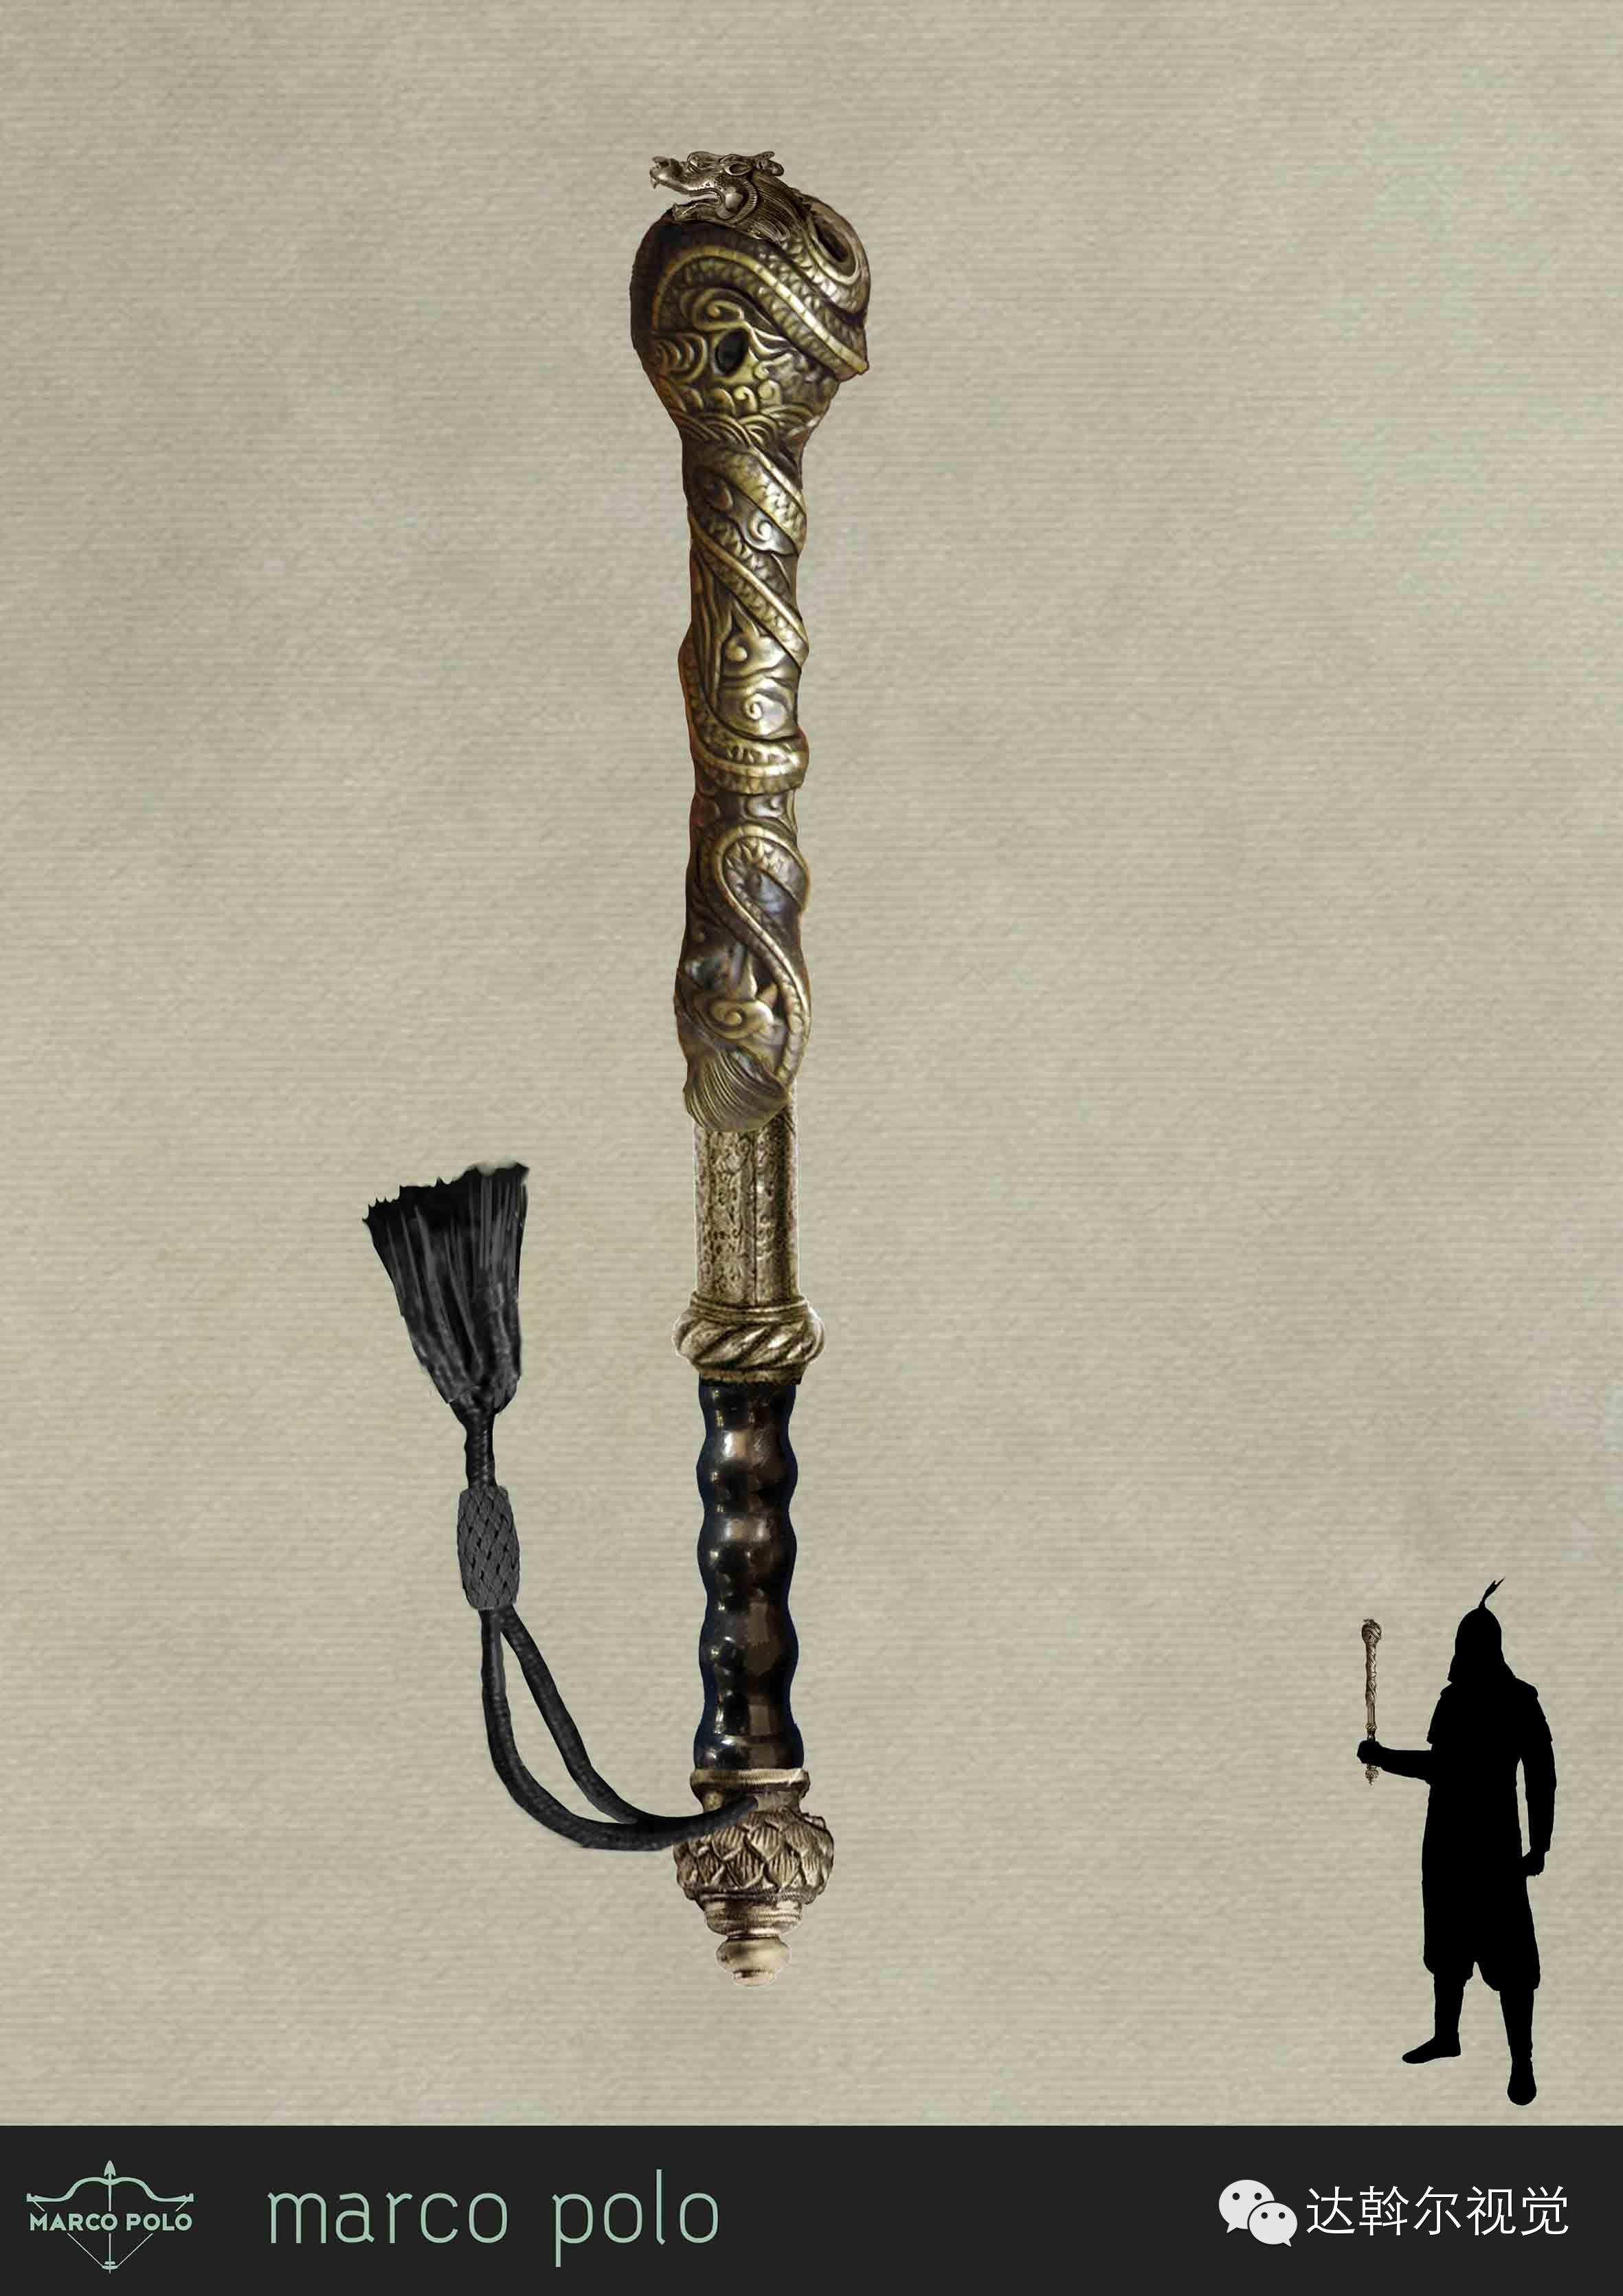 蒙古题材美剧《马可波罗》兵器设计欣赏 第5张